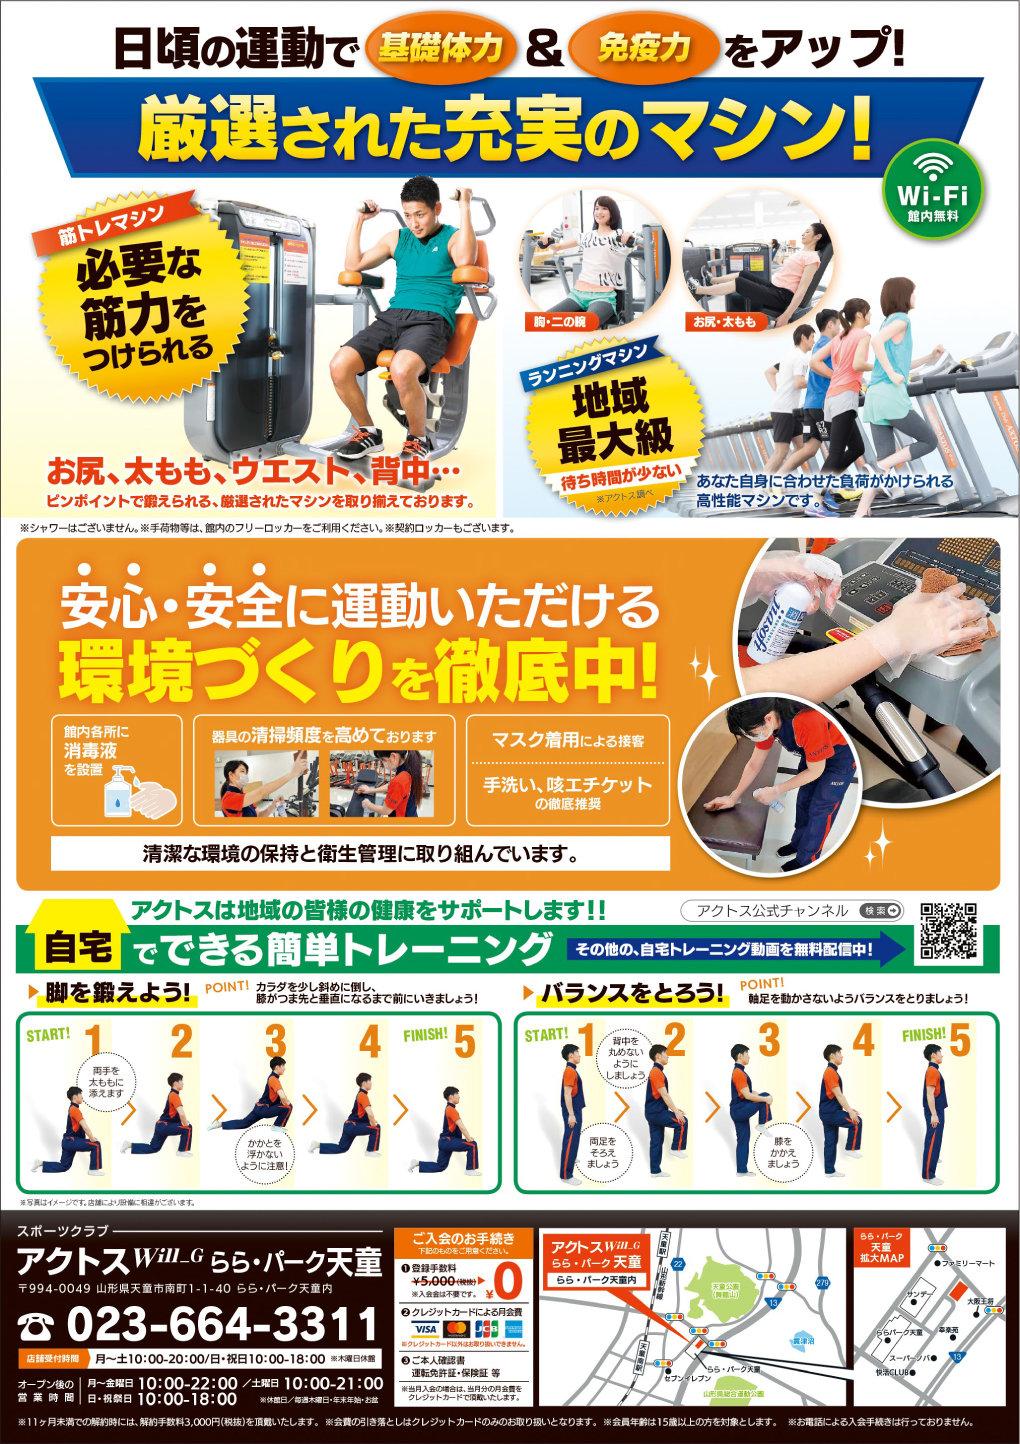 スポーツクラブ アクトス らら・パーク天童店